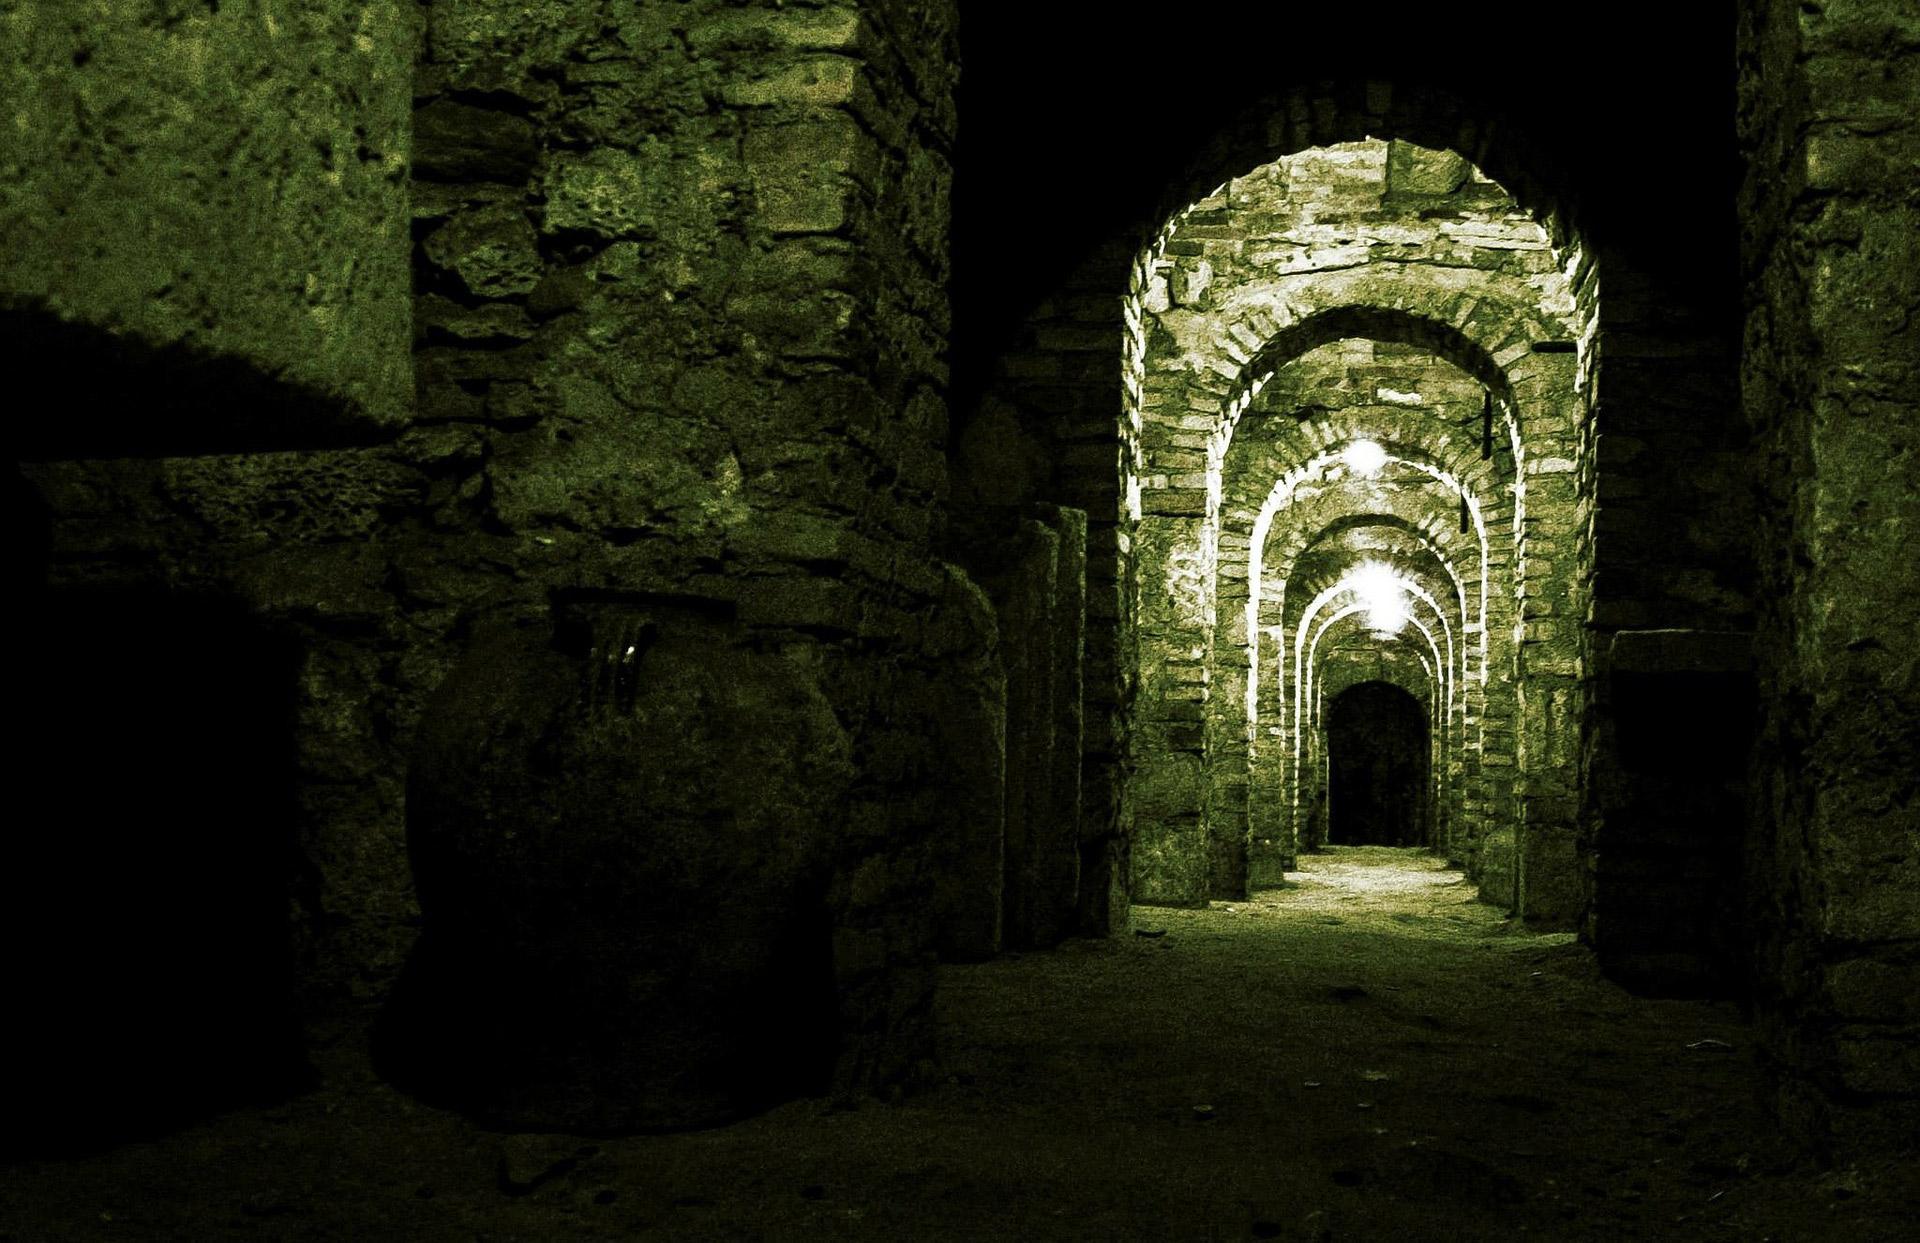 crypt-229934_1920x1240